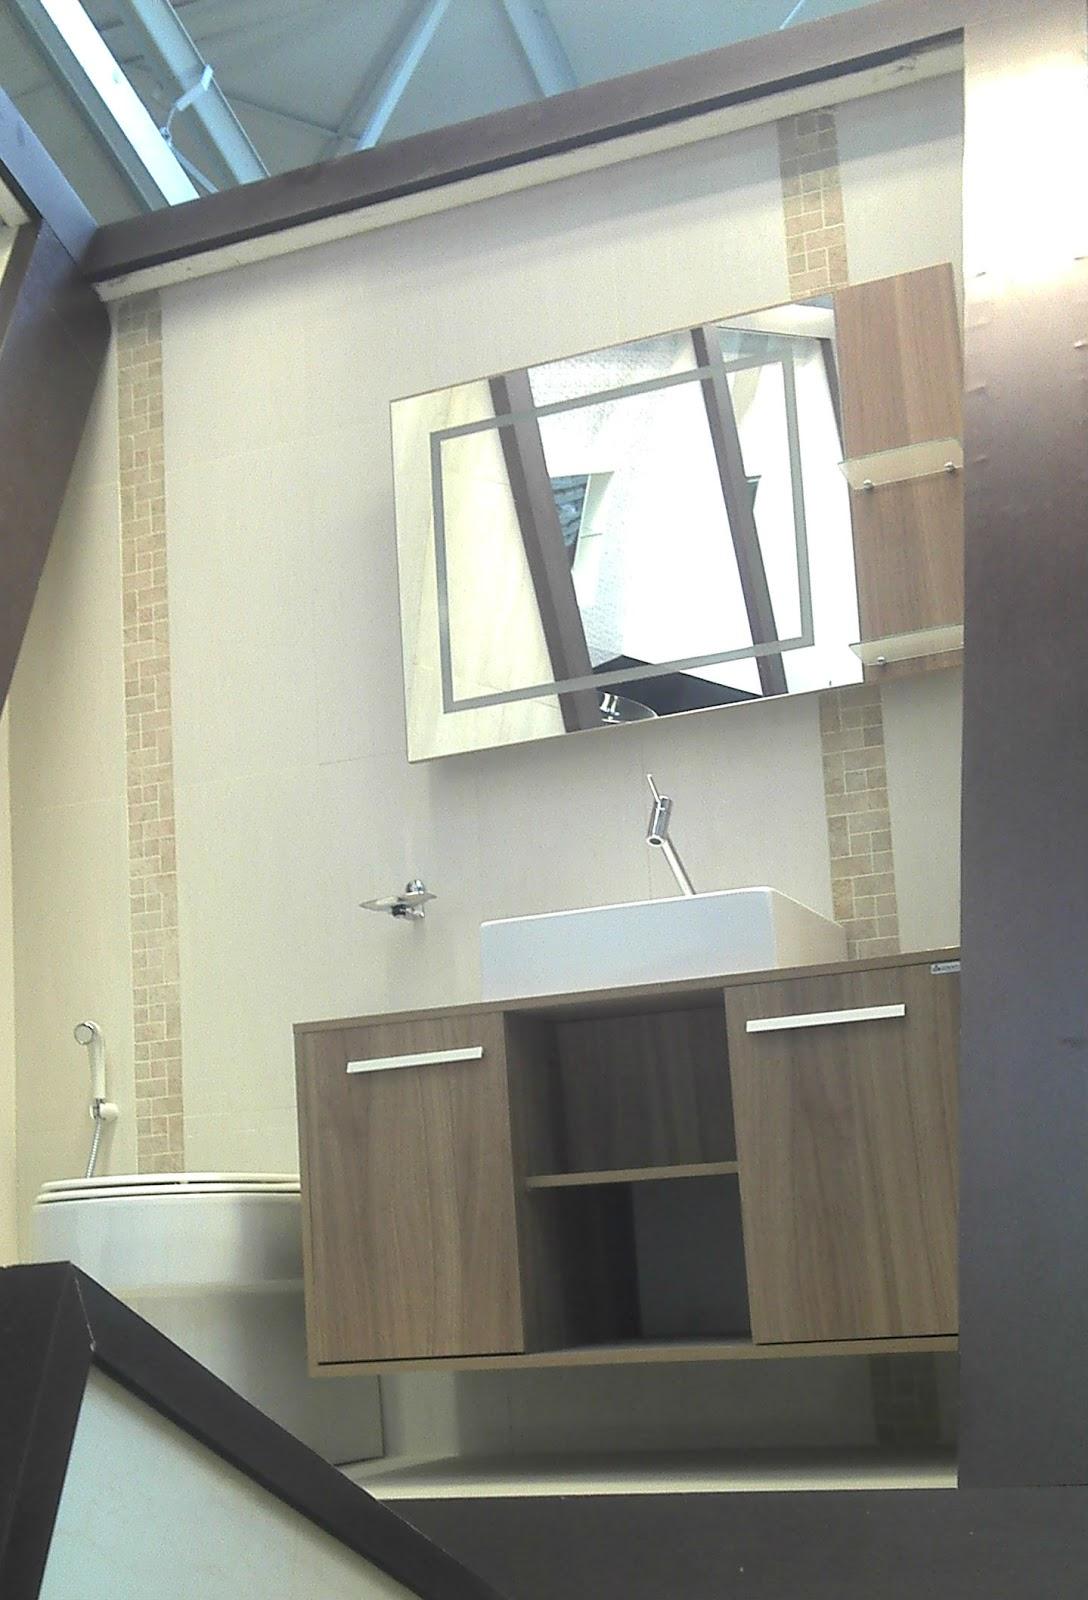 Quando fui na Leroy tinha visto esses dois banheiros montados que  #4E727D 1088x1600 Azulejo Banheiro Leroy